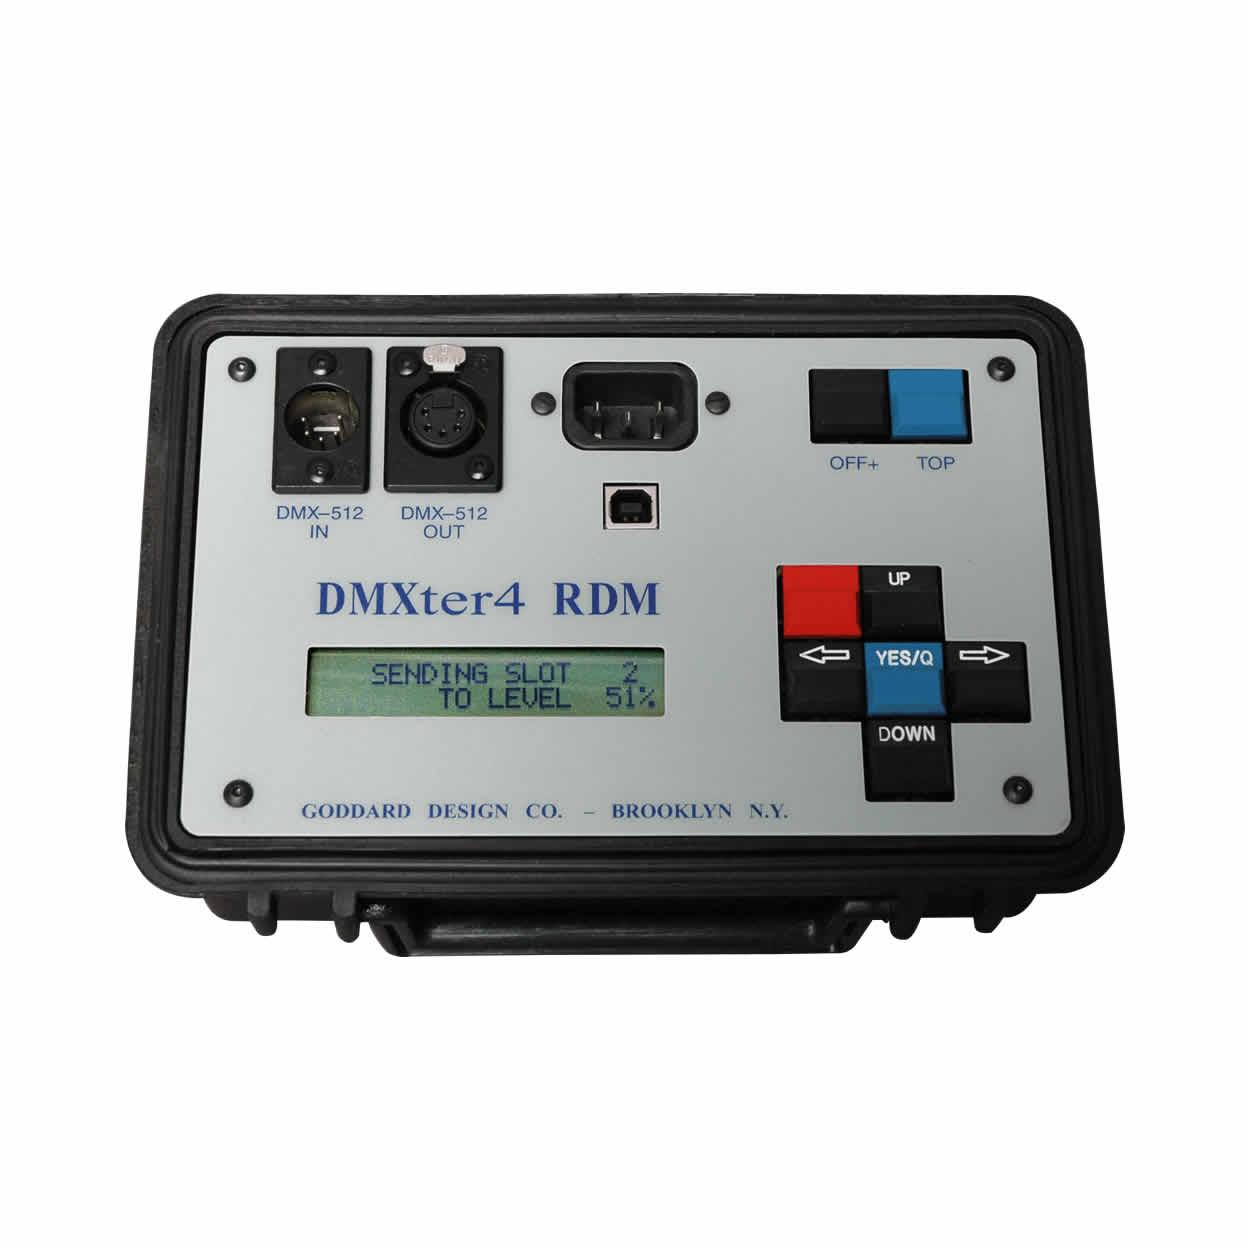 DMXter4 RDM